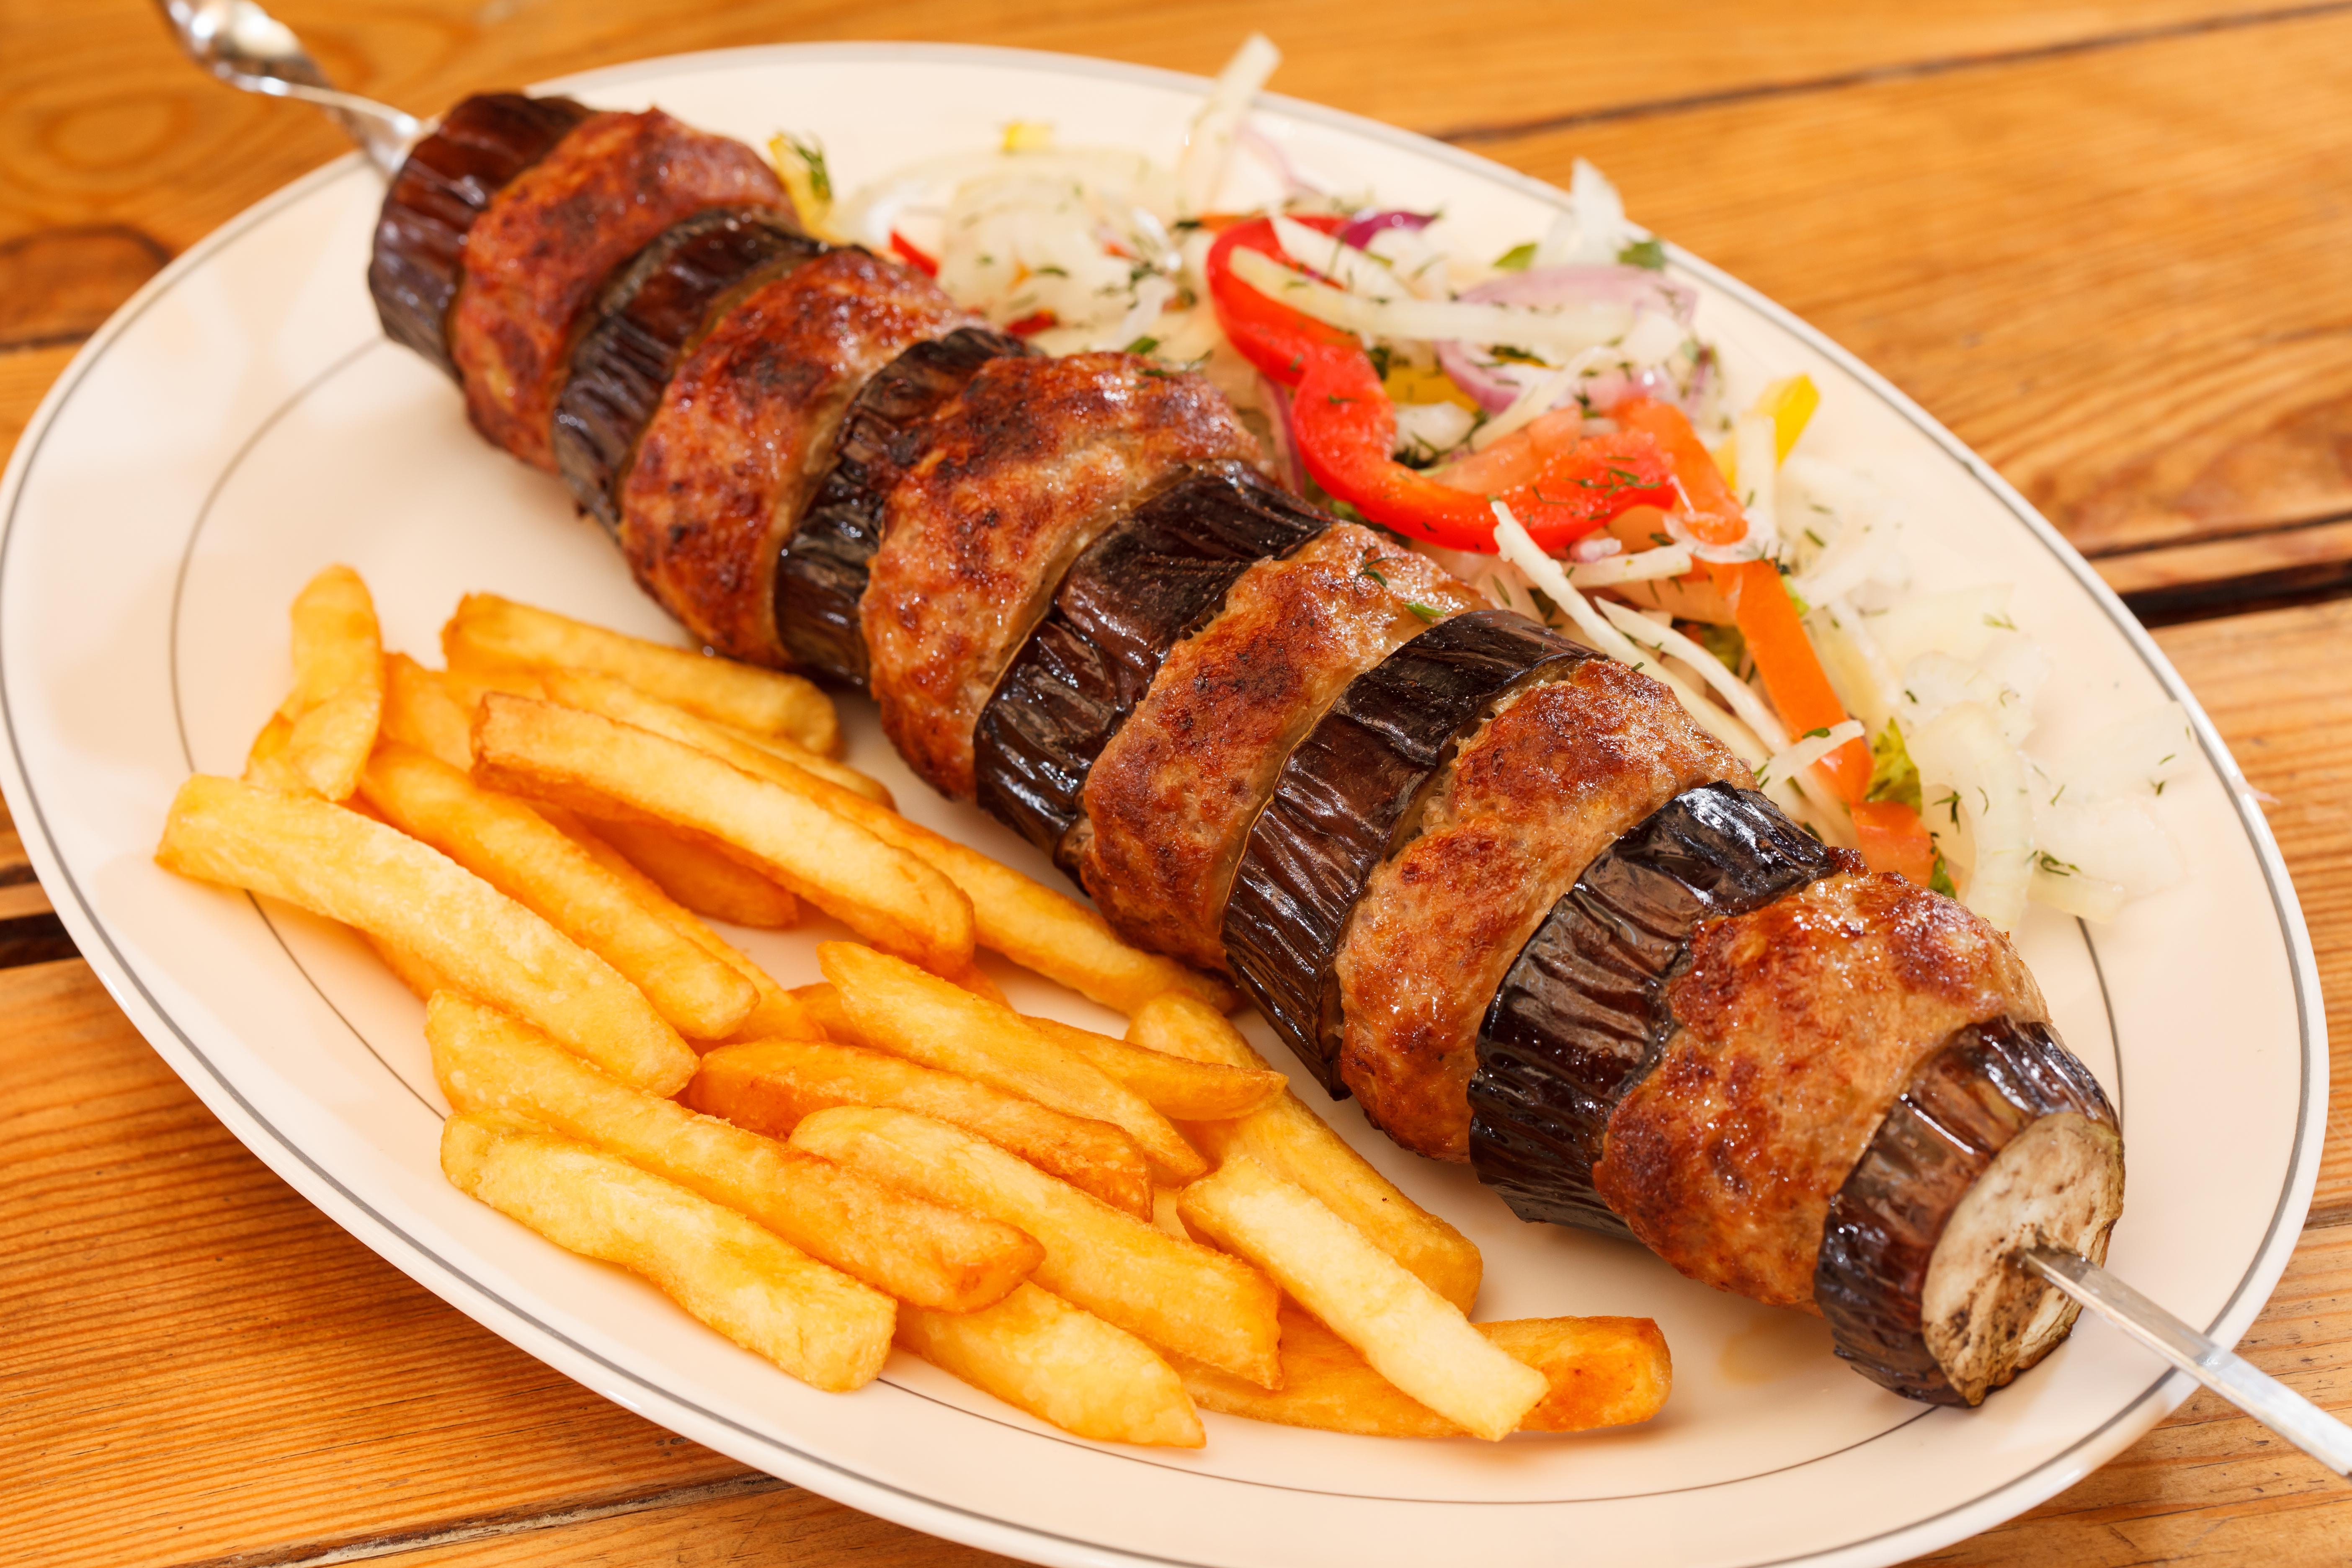 Картинки Картофель фри Еда Овощи Тарелка 5616x3744 Пища тарелке Продукты питания